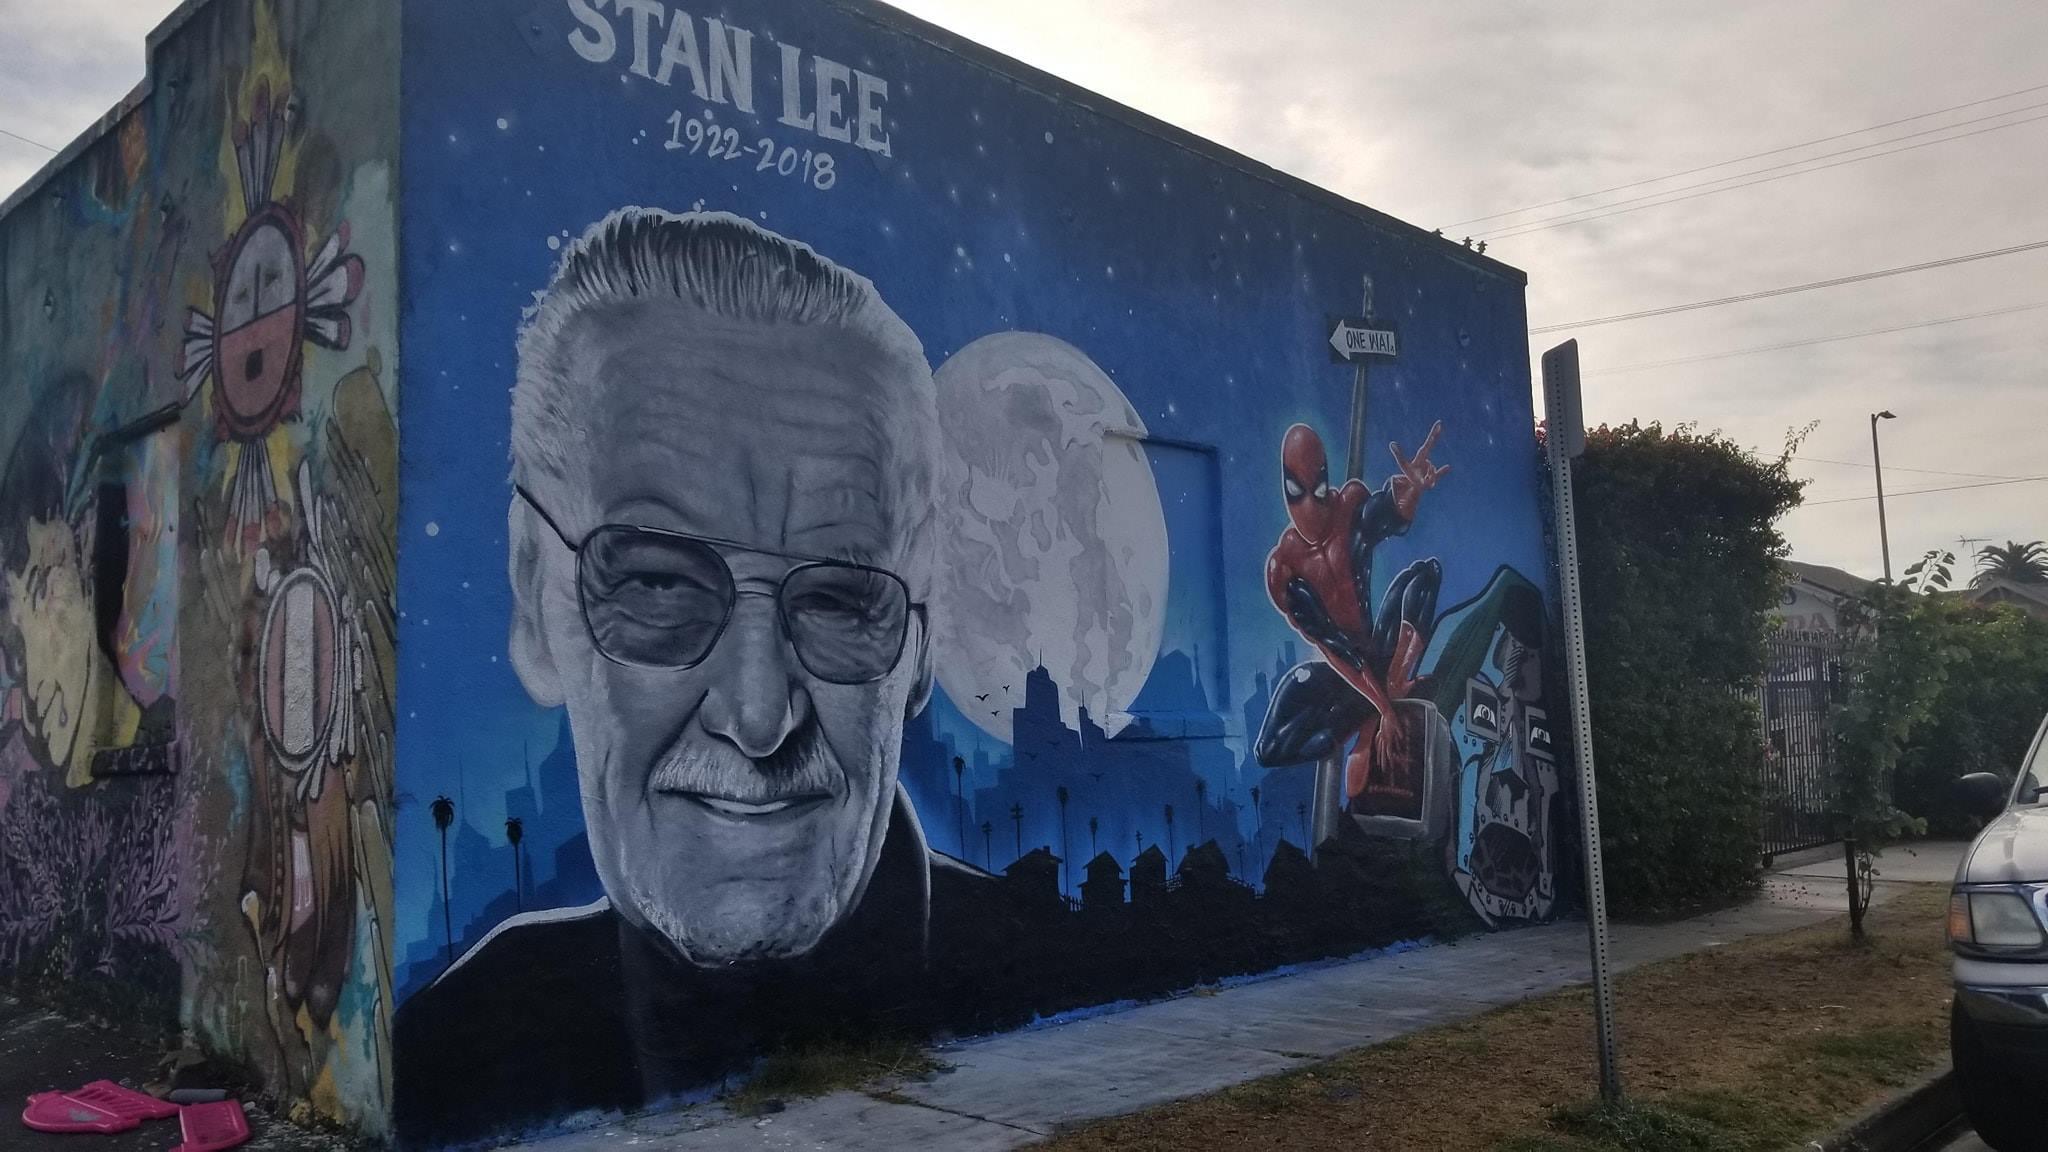 Un magnifico murales dedicato a Stan Lee